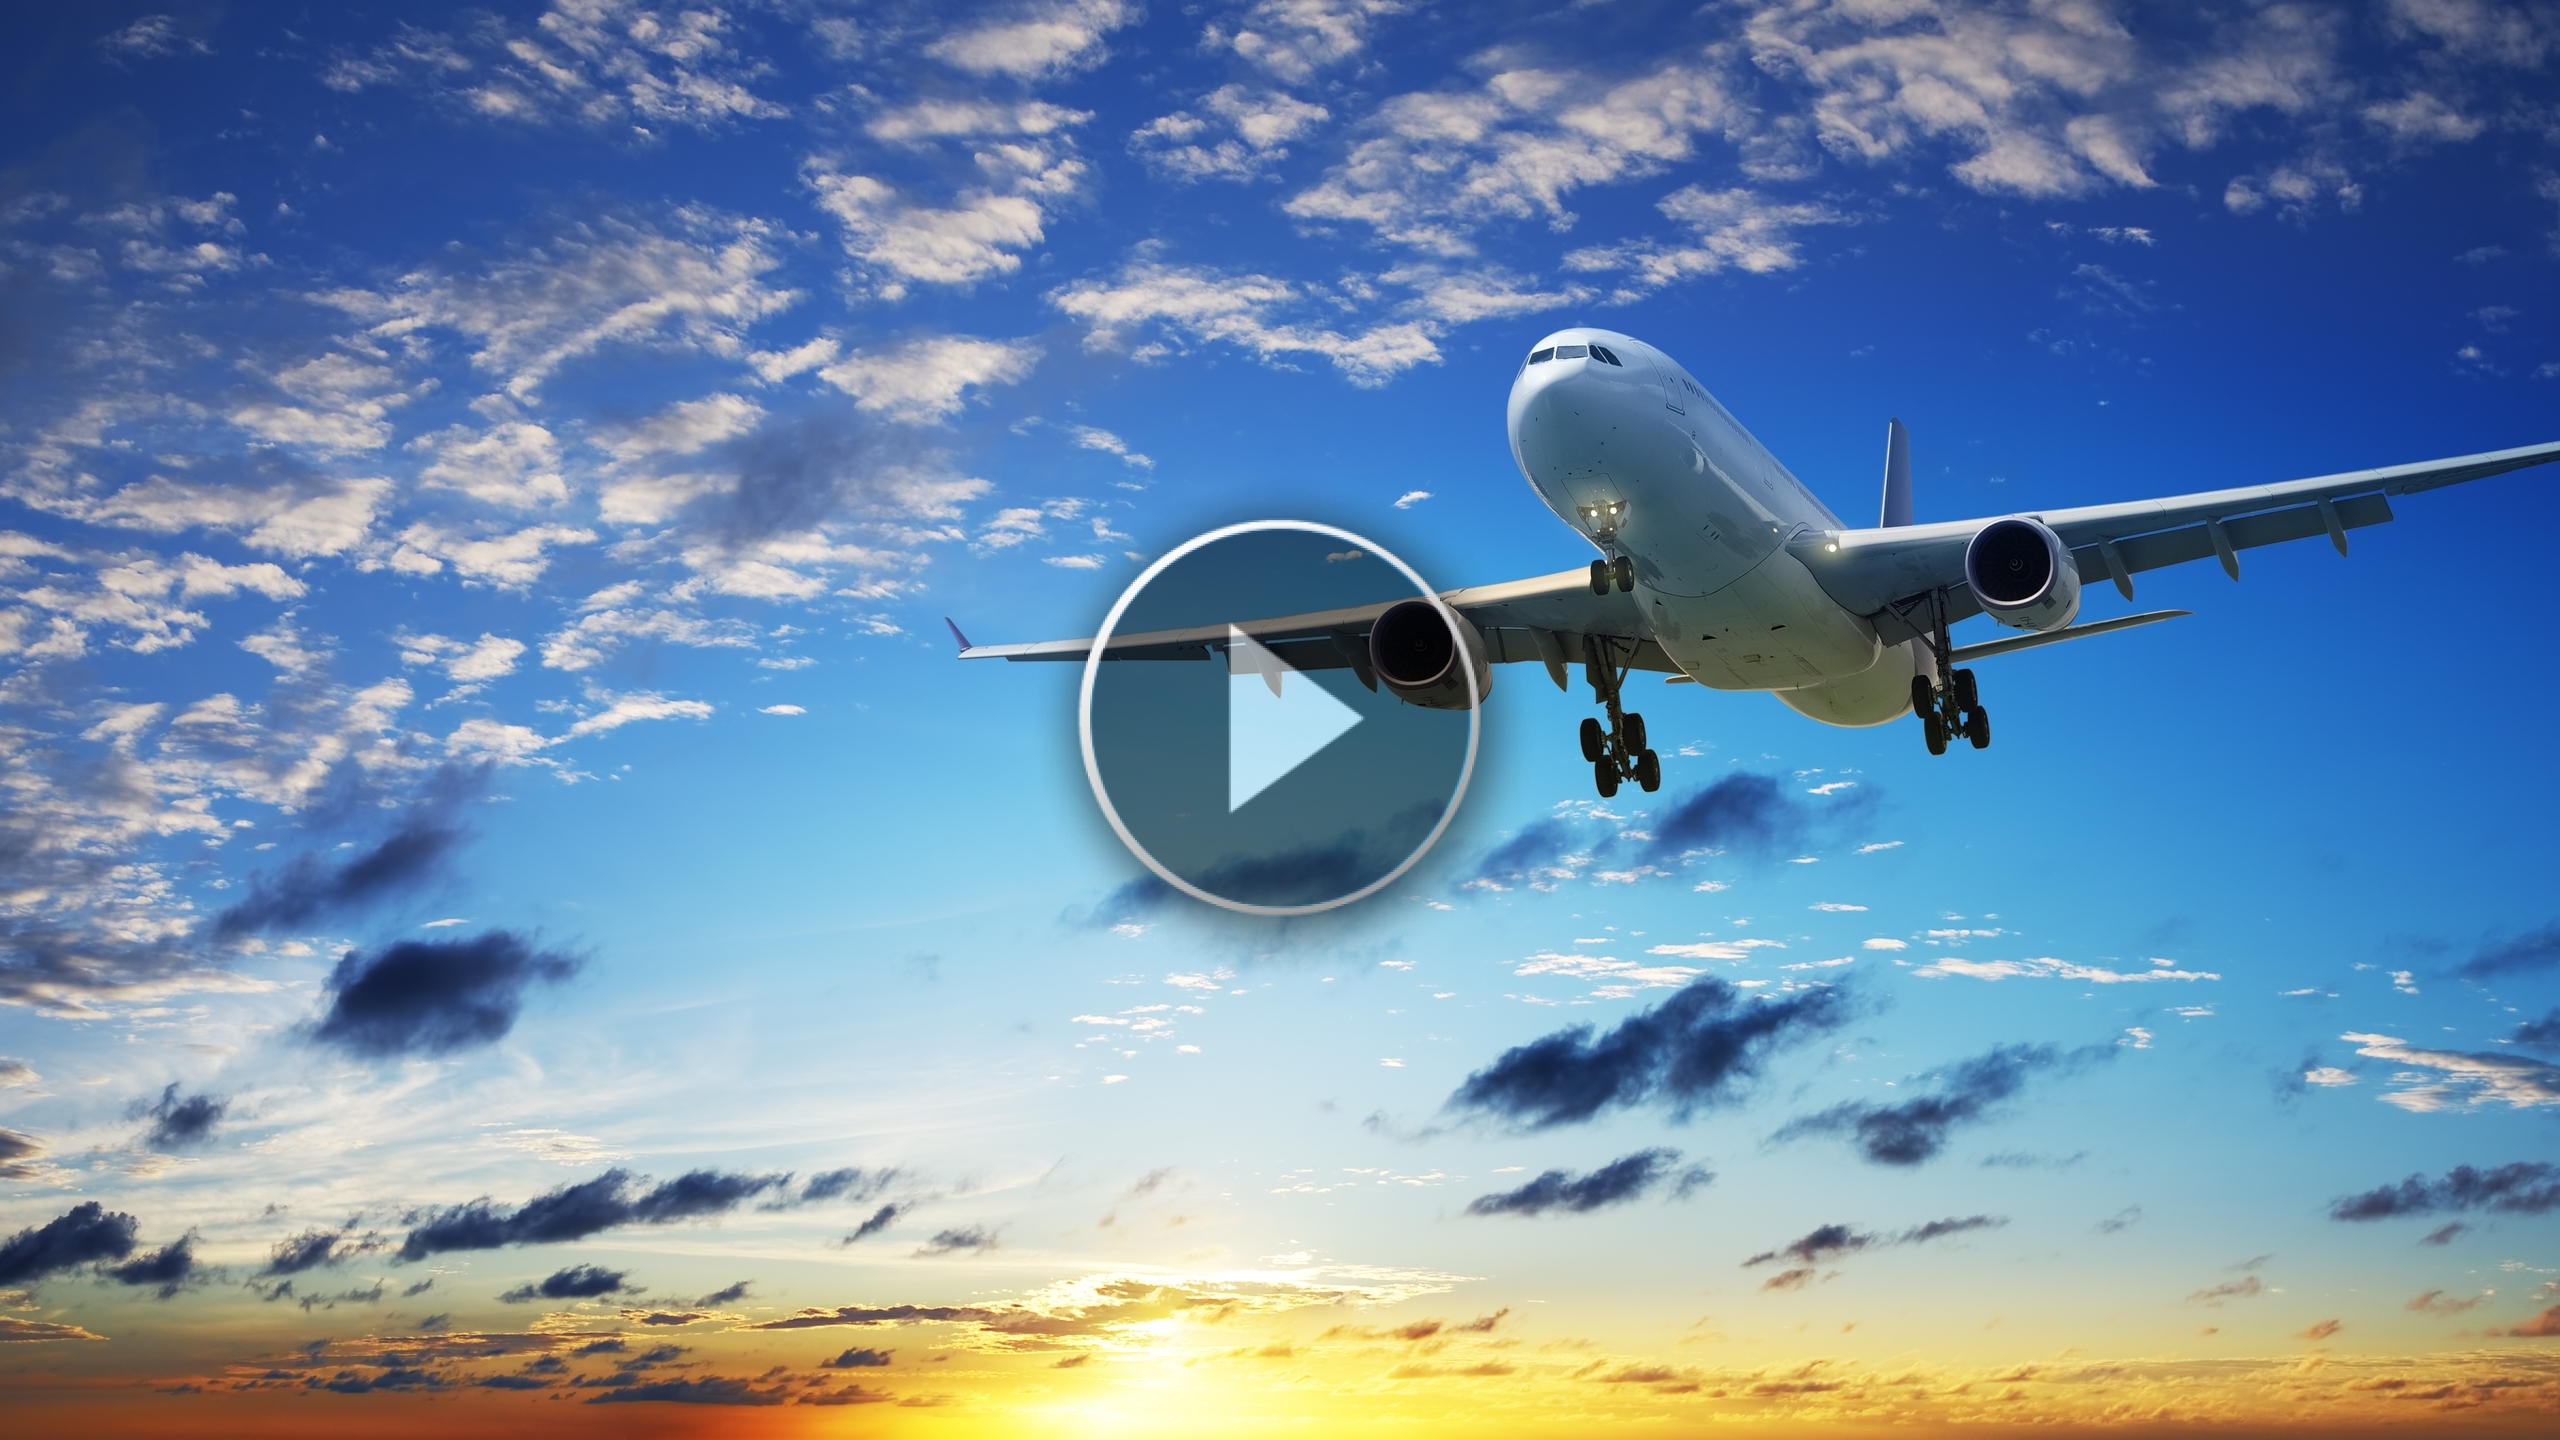 Che fine fanno i rifiuti a bordo di un aereo? Ce lo spiega questo video!